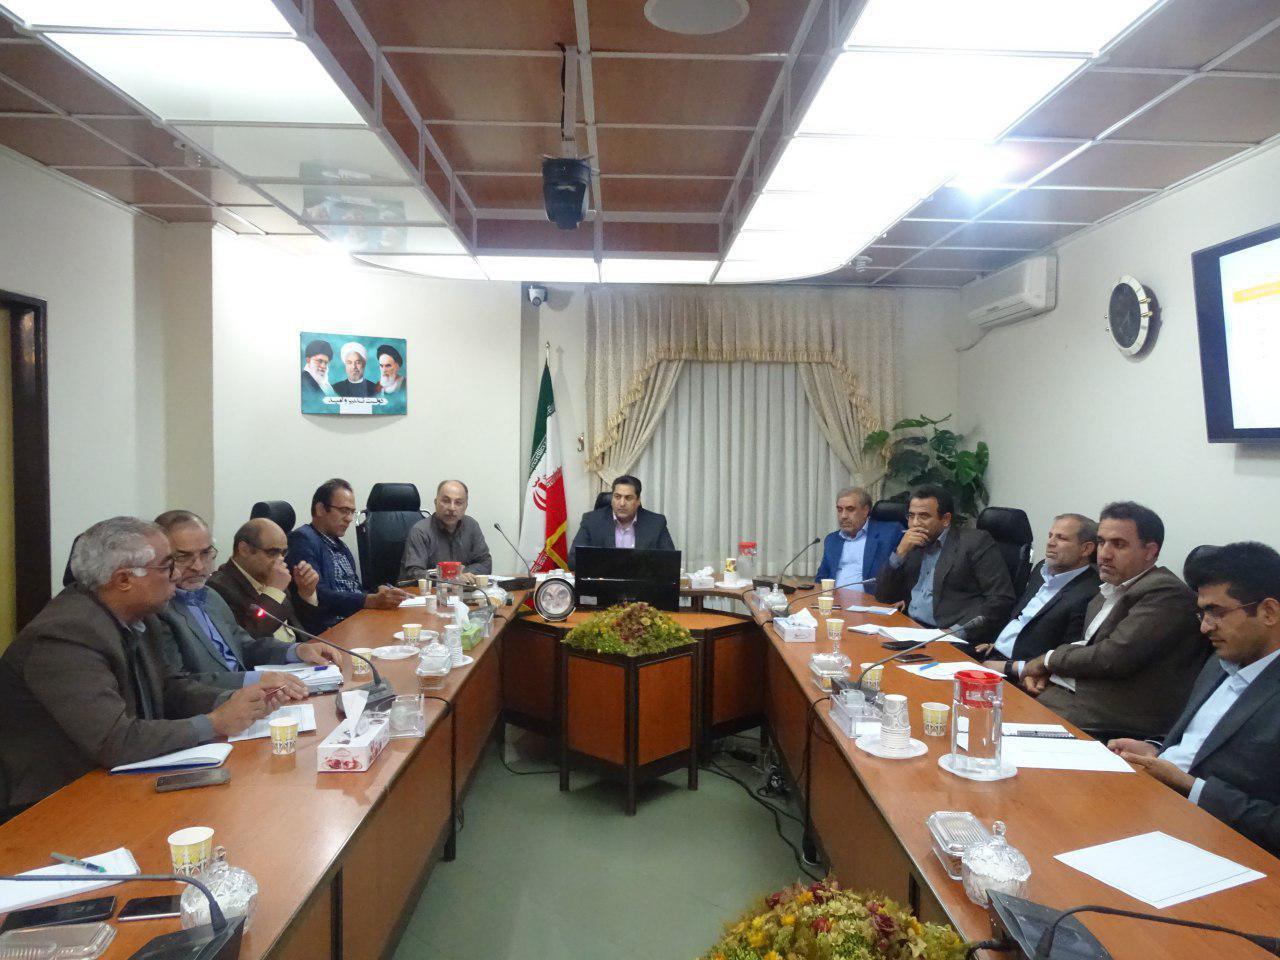 طرح ضربتی ایمن سازی سواحل رودخانه ها برای اولین بار در استان کرمان